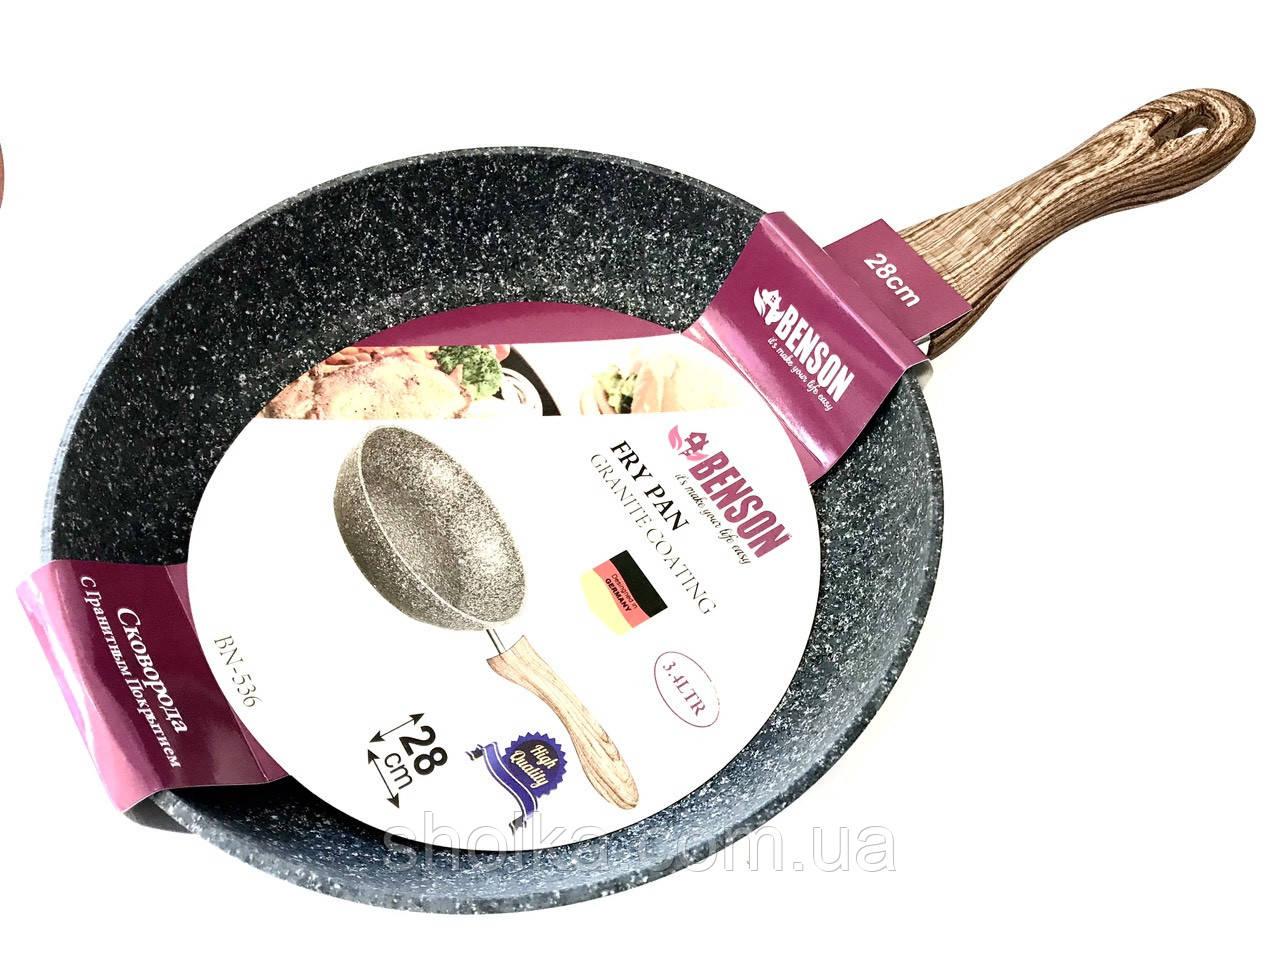 Сковорода Benson BN-536 с гранитным покрытием 28 см.